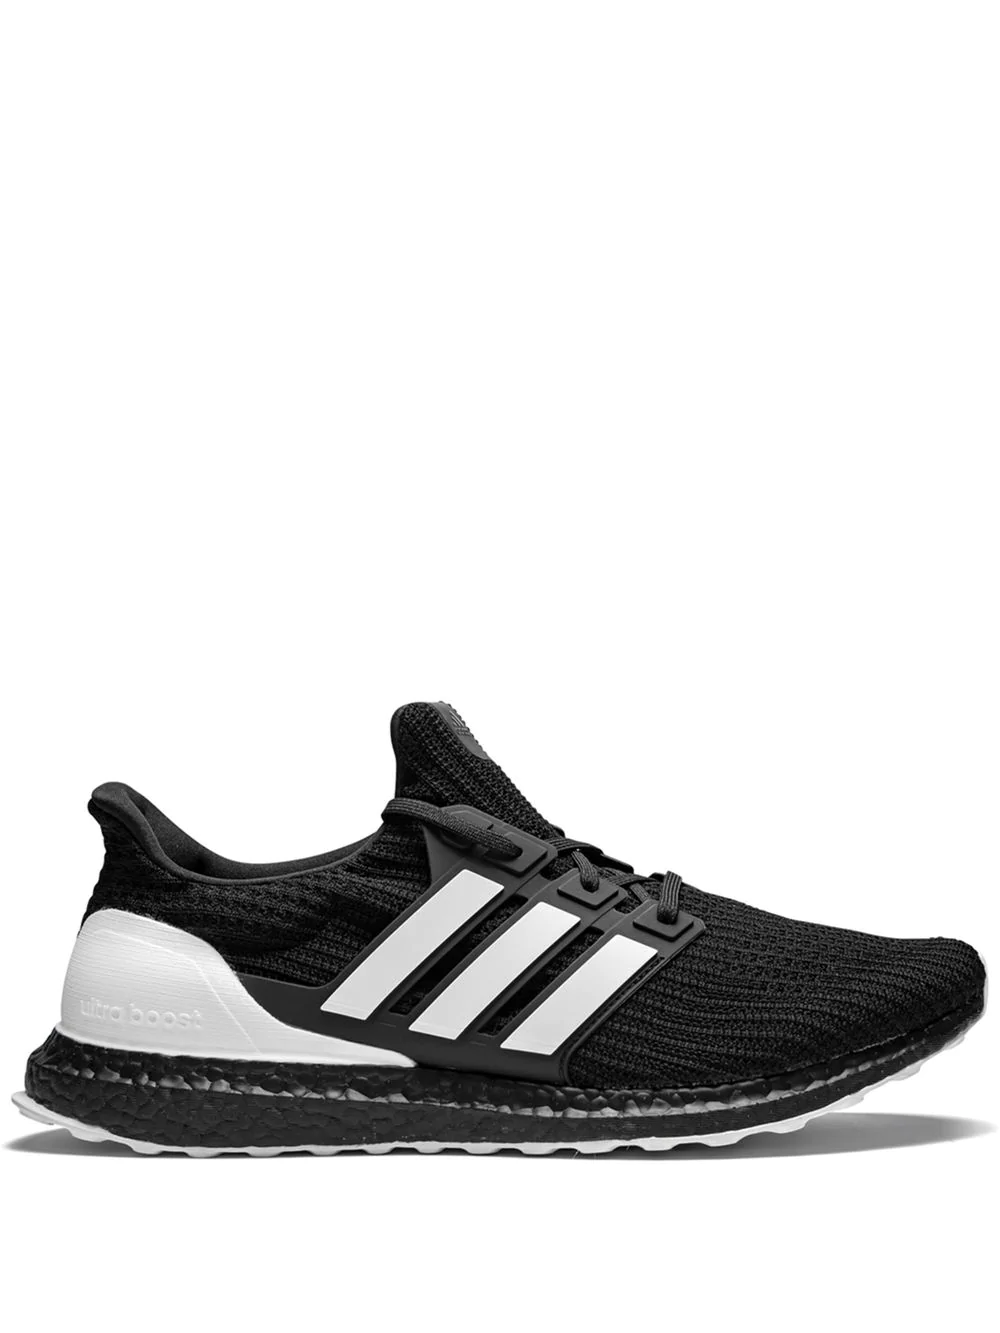 a971f9830f2ef Adidas Originals Adidas Ultraboost 4.0 Sneakers - Black